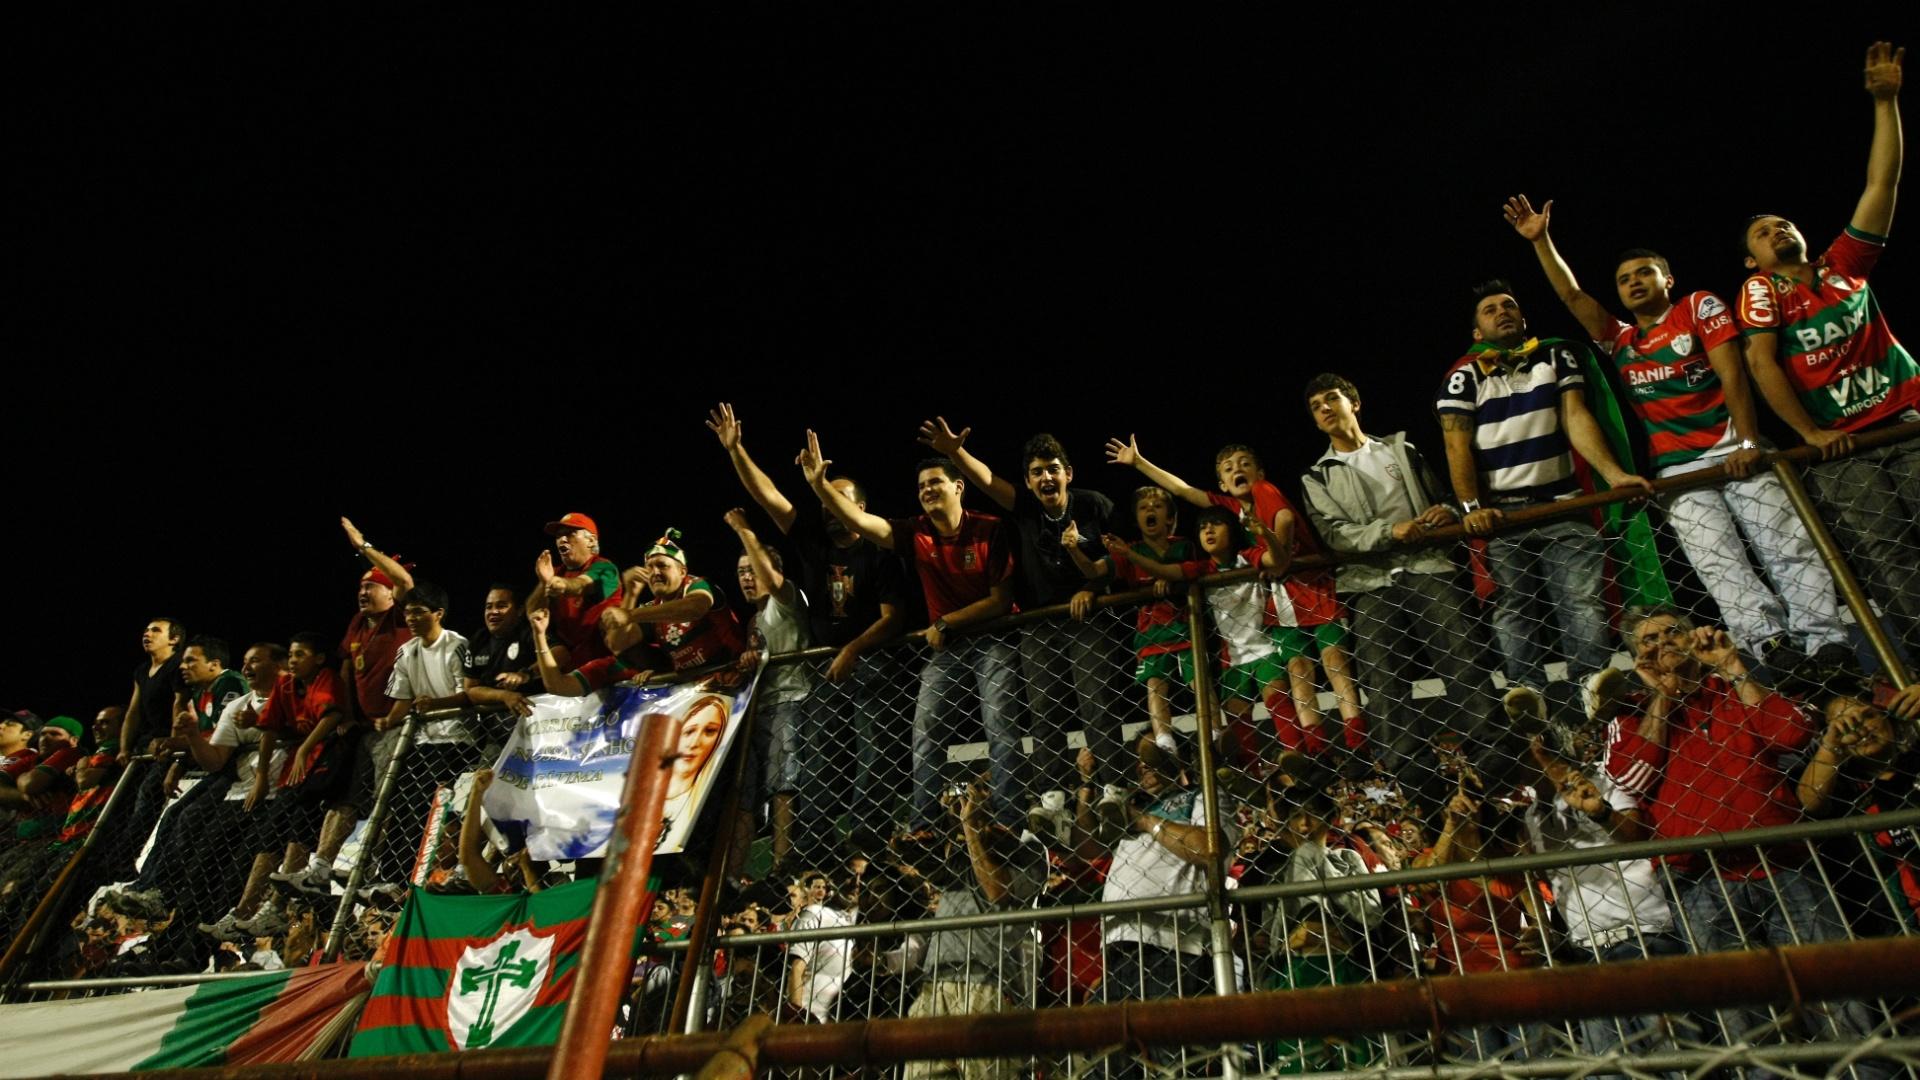 Torcedores da Portuguesa vibram com o título da Série B, mesmo após empate em 2 a 2 com o Sport